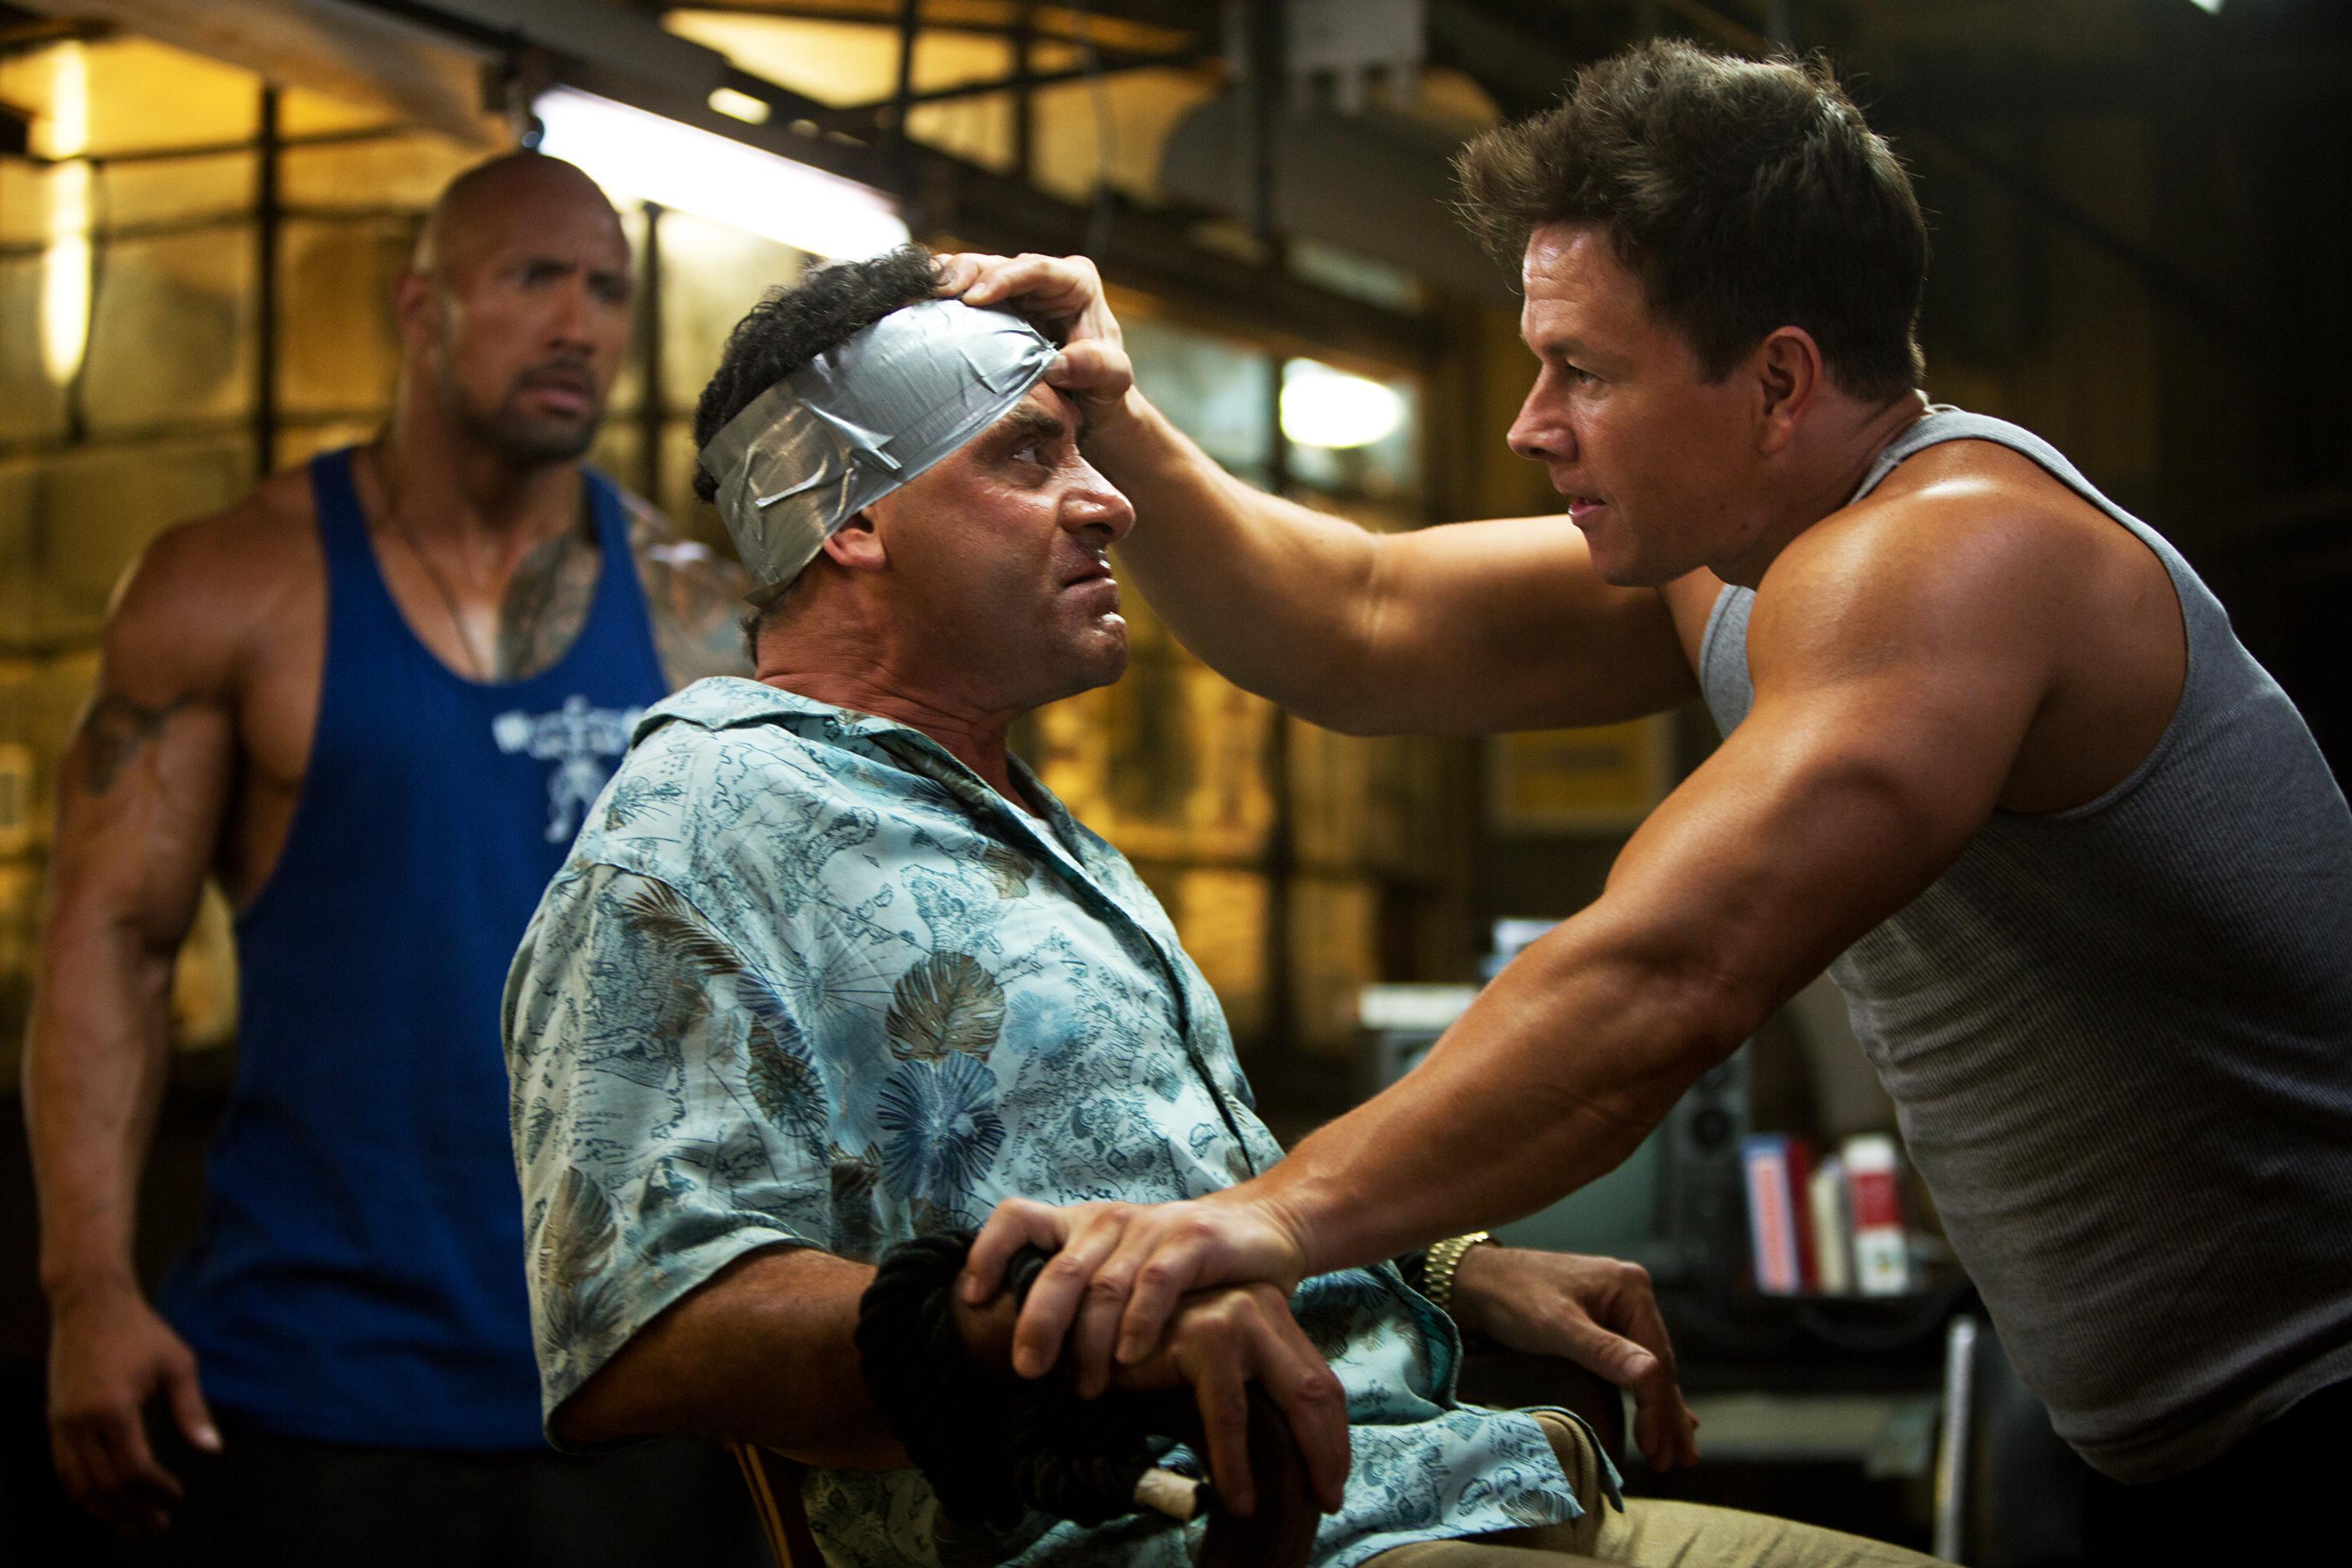 Актёры из фильма кровью и потом анаболики стероиды и флекс уиллер